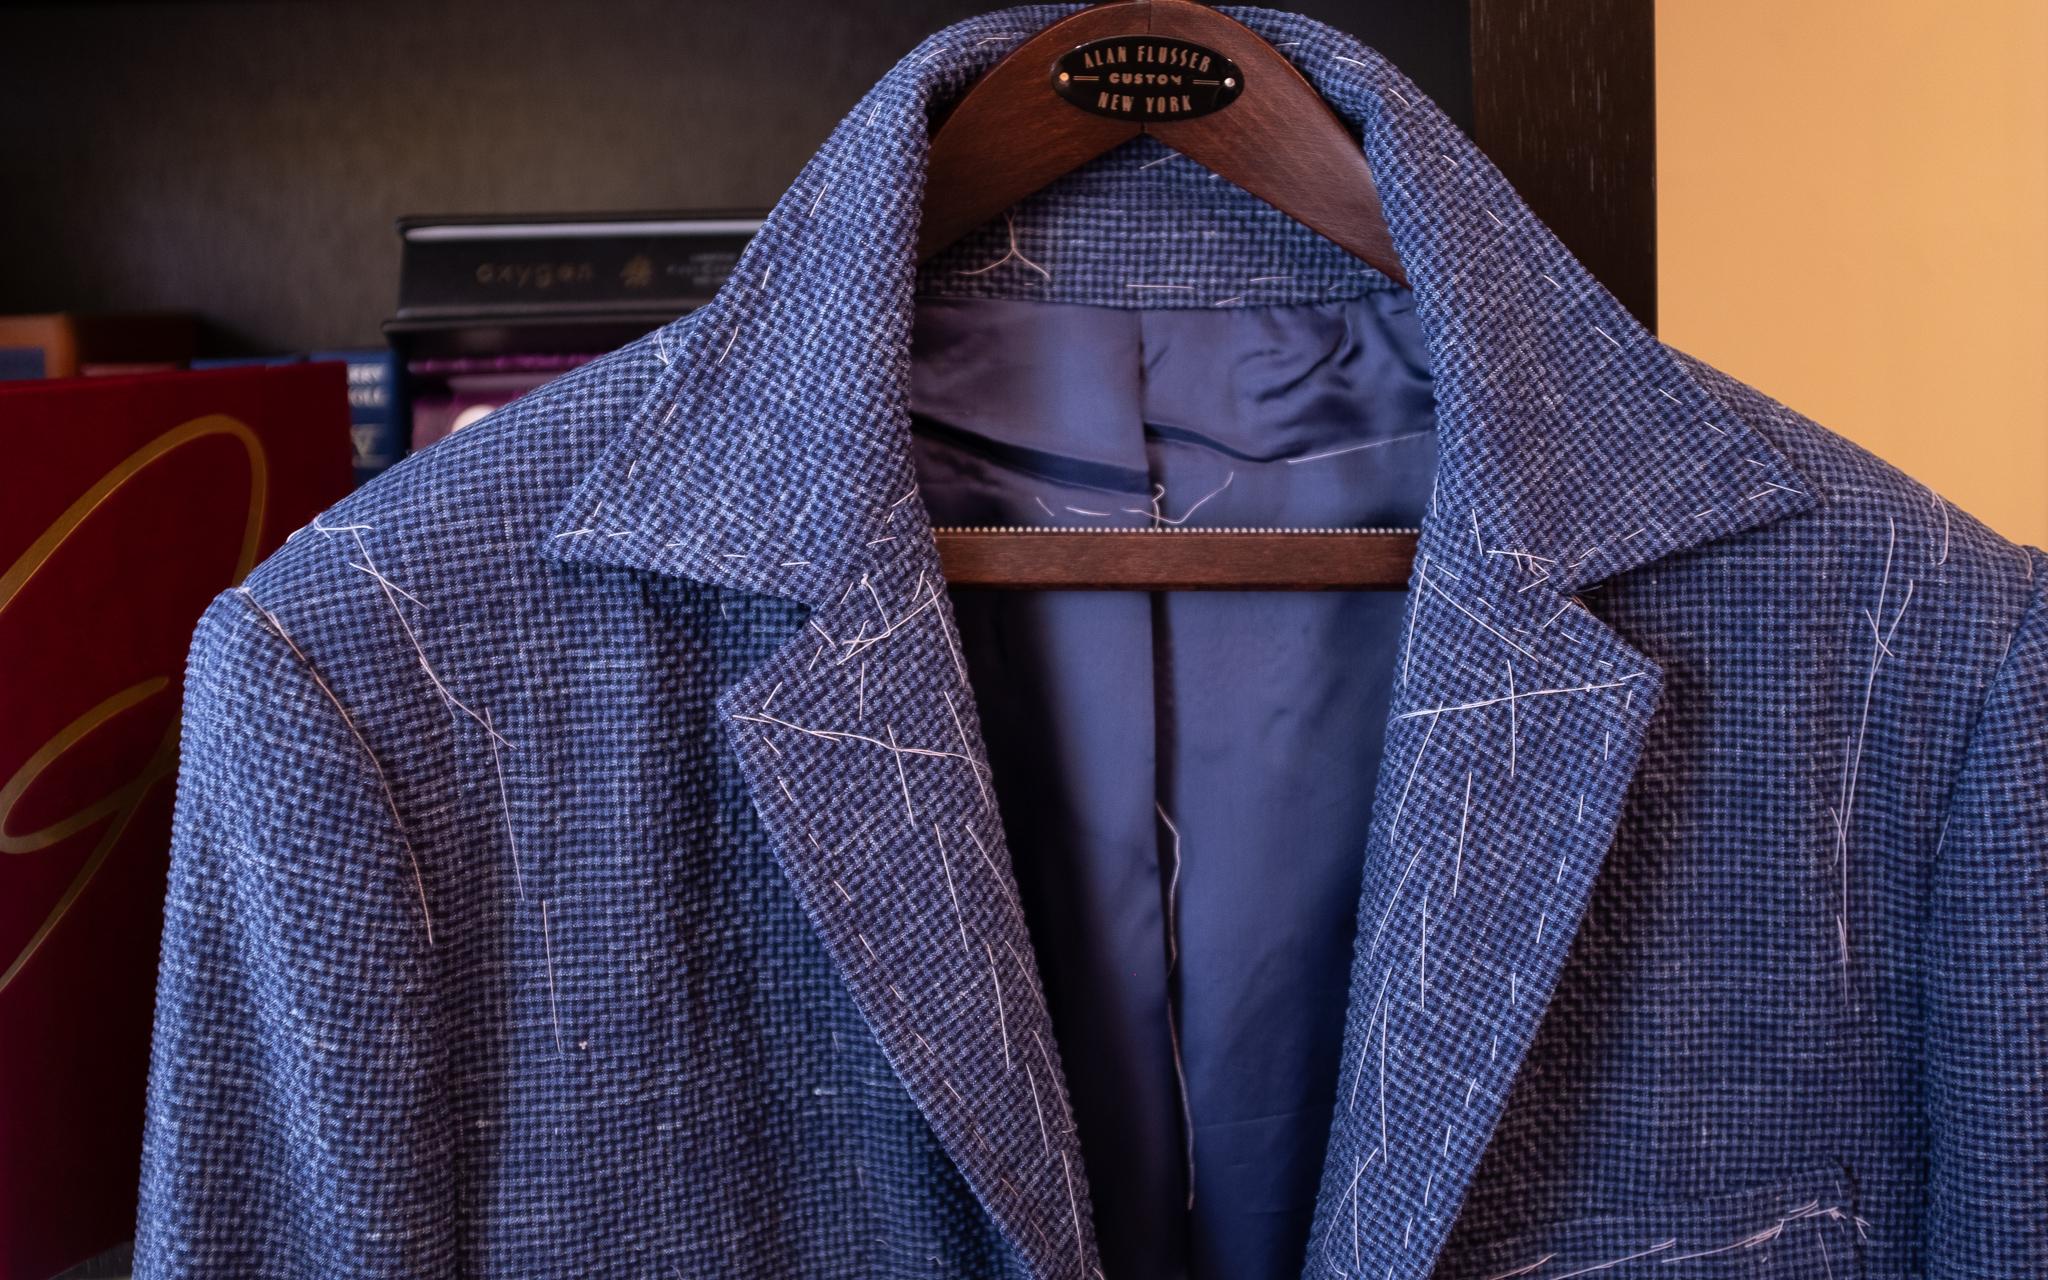 Seersucker slack jacket